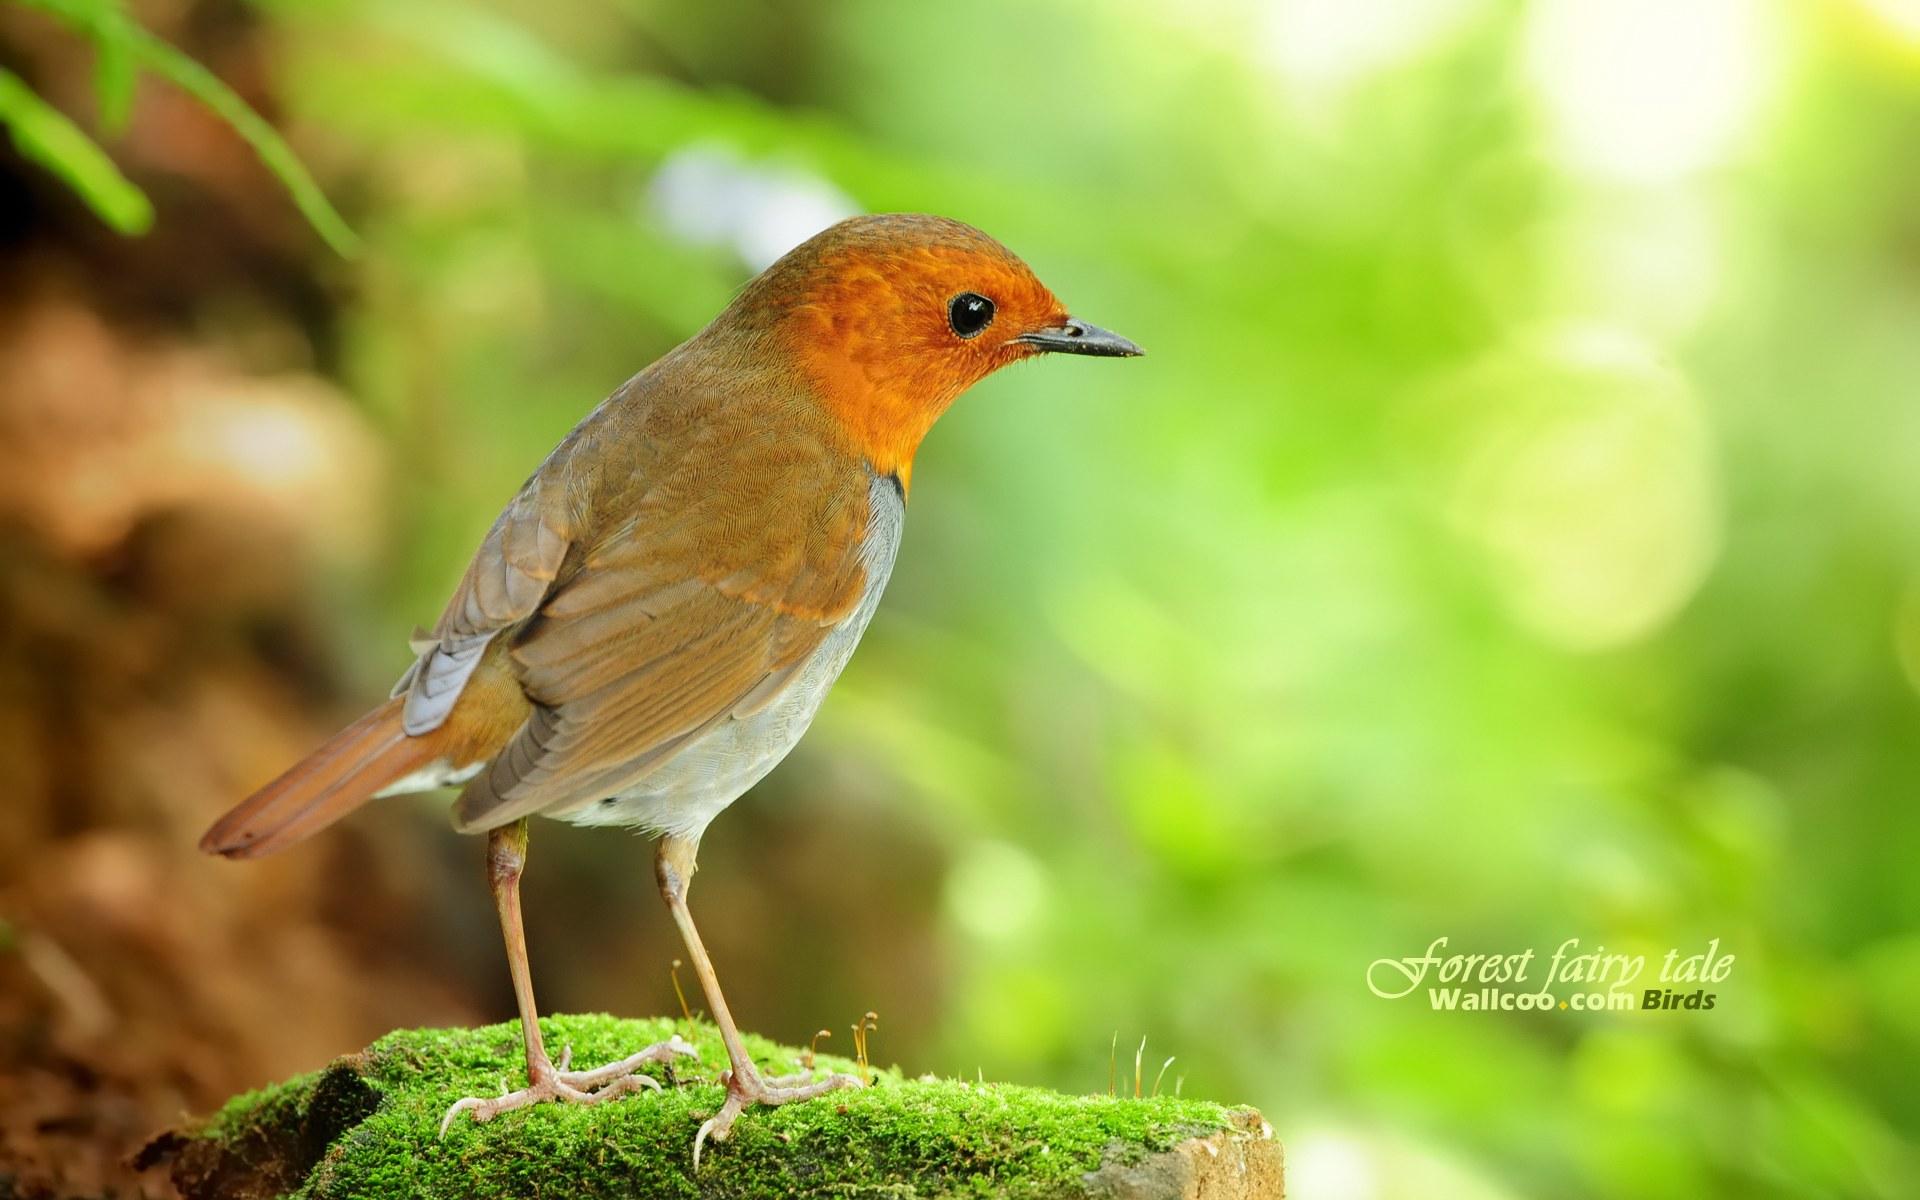 壁纸 可爱 小鸟/树林里的小精灵春天可爱小鸟壁纸日本歌鸲小鸟灵气迷人小鸟...